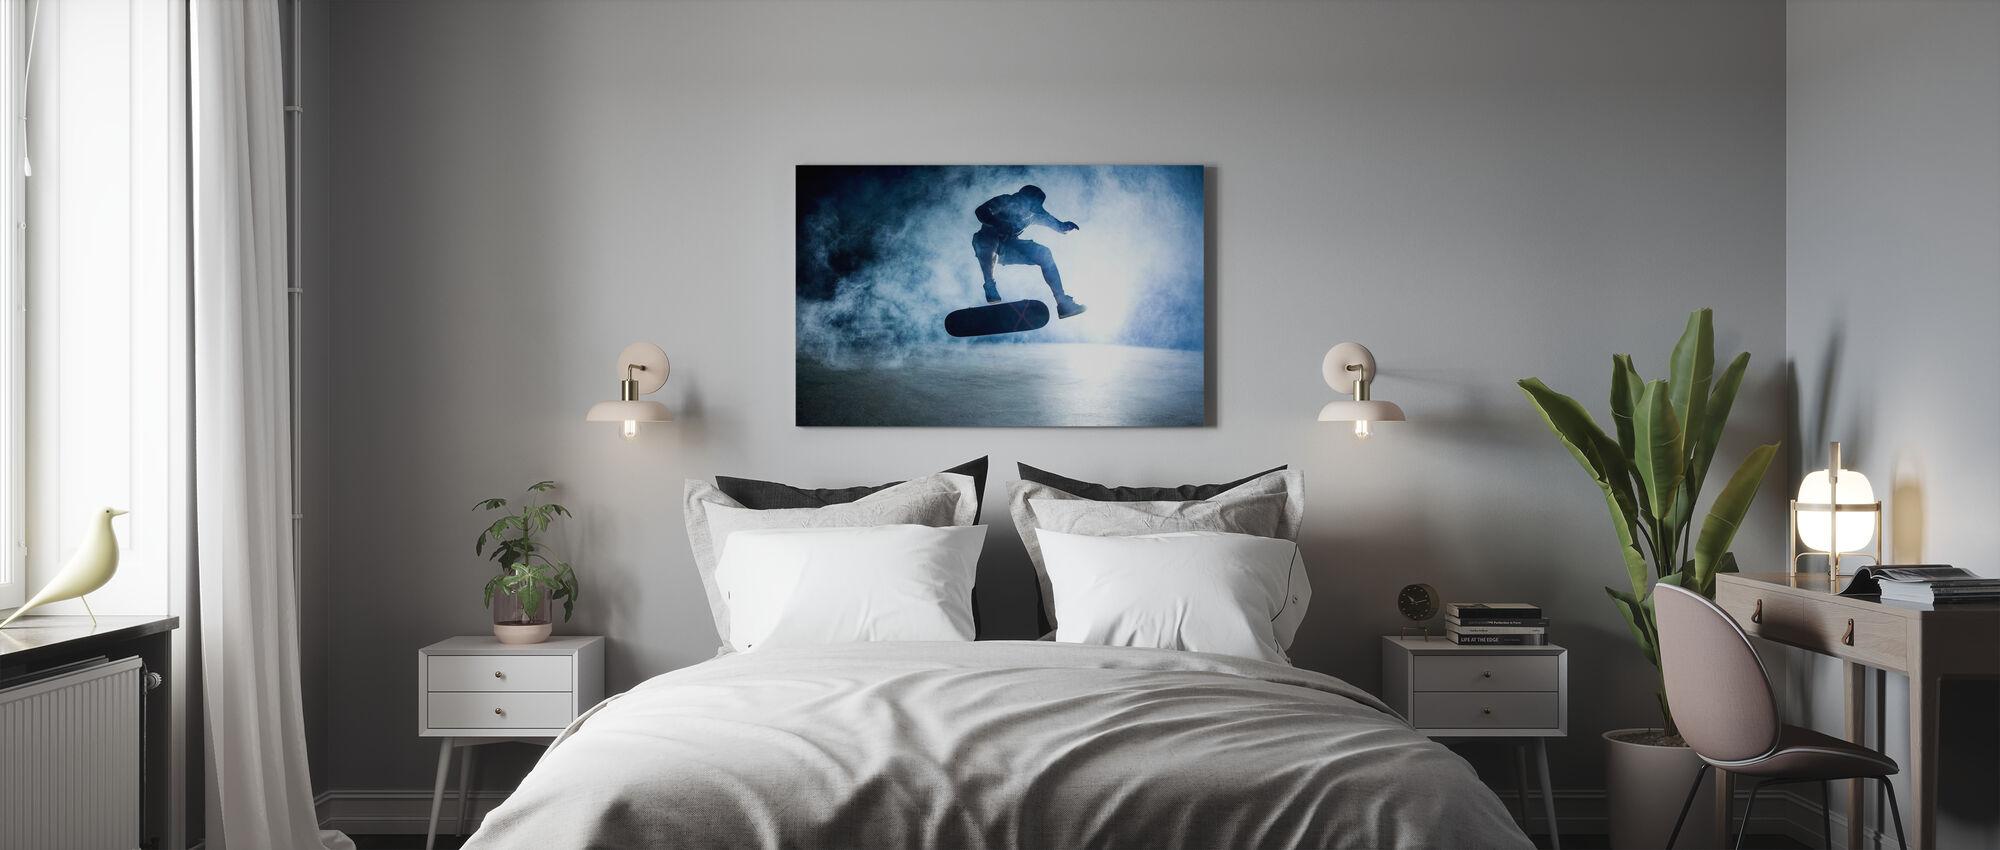 Skateboard Trick - Impression sur toile - Chambre